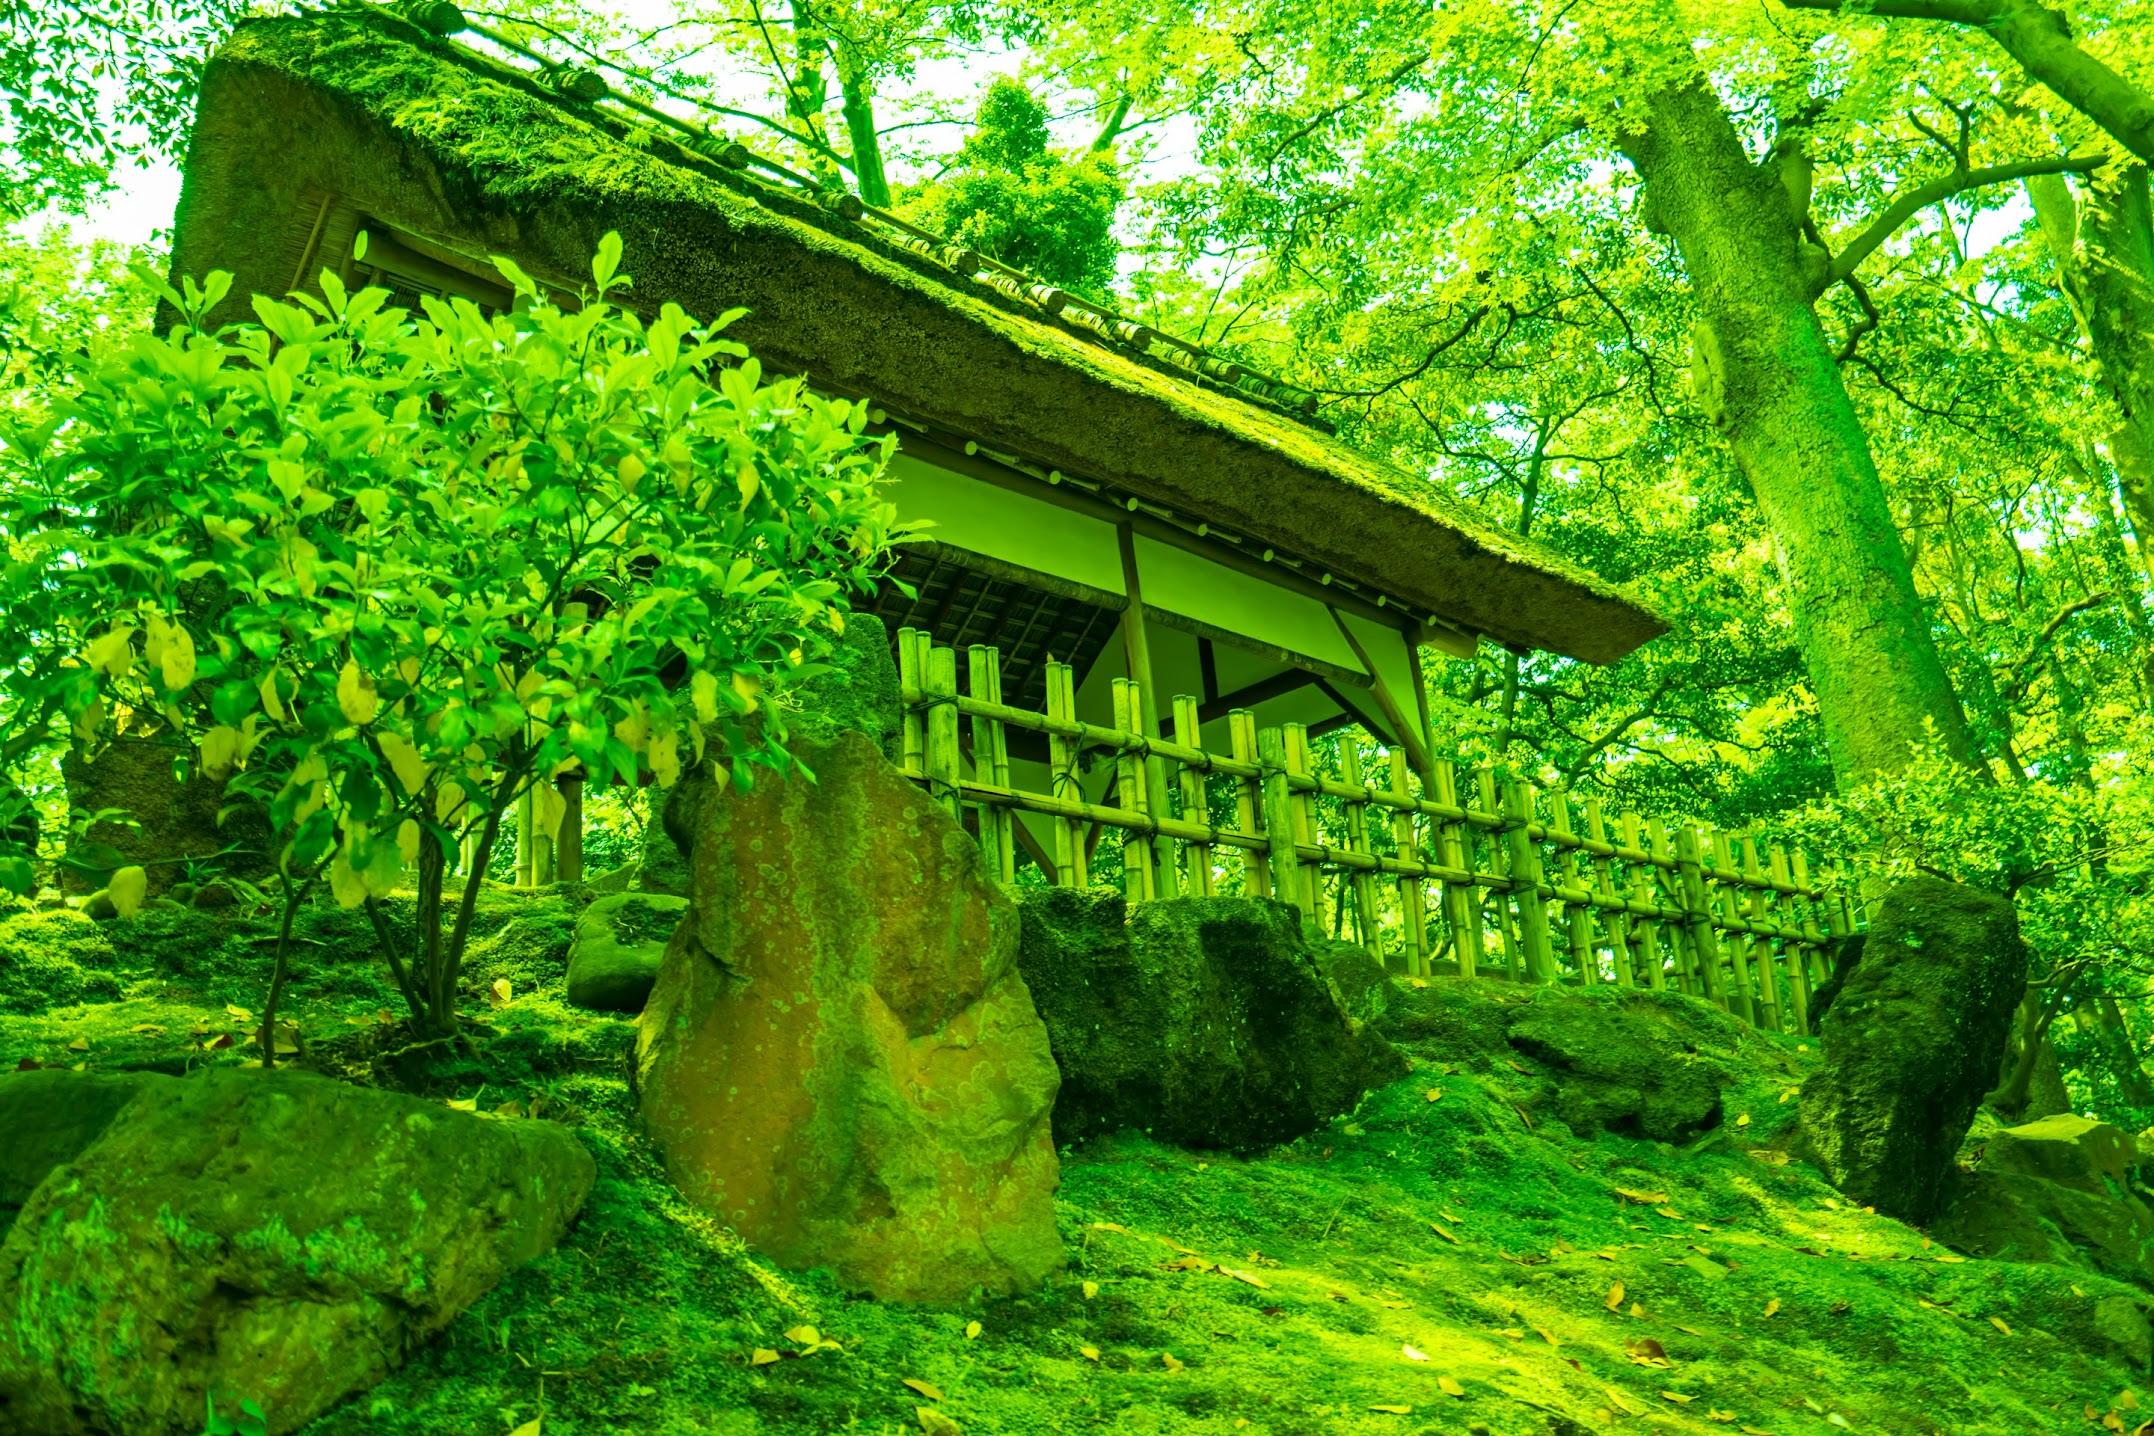 Kenrokuen Garden Yamazaki-yama Hill